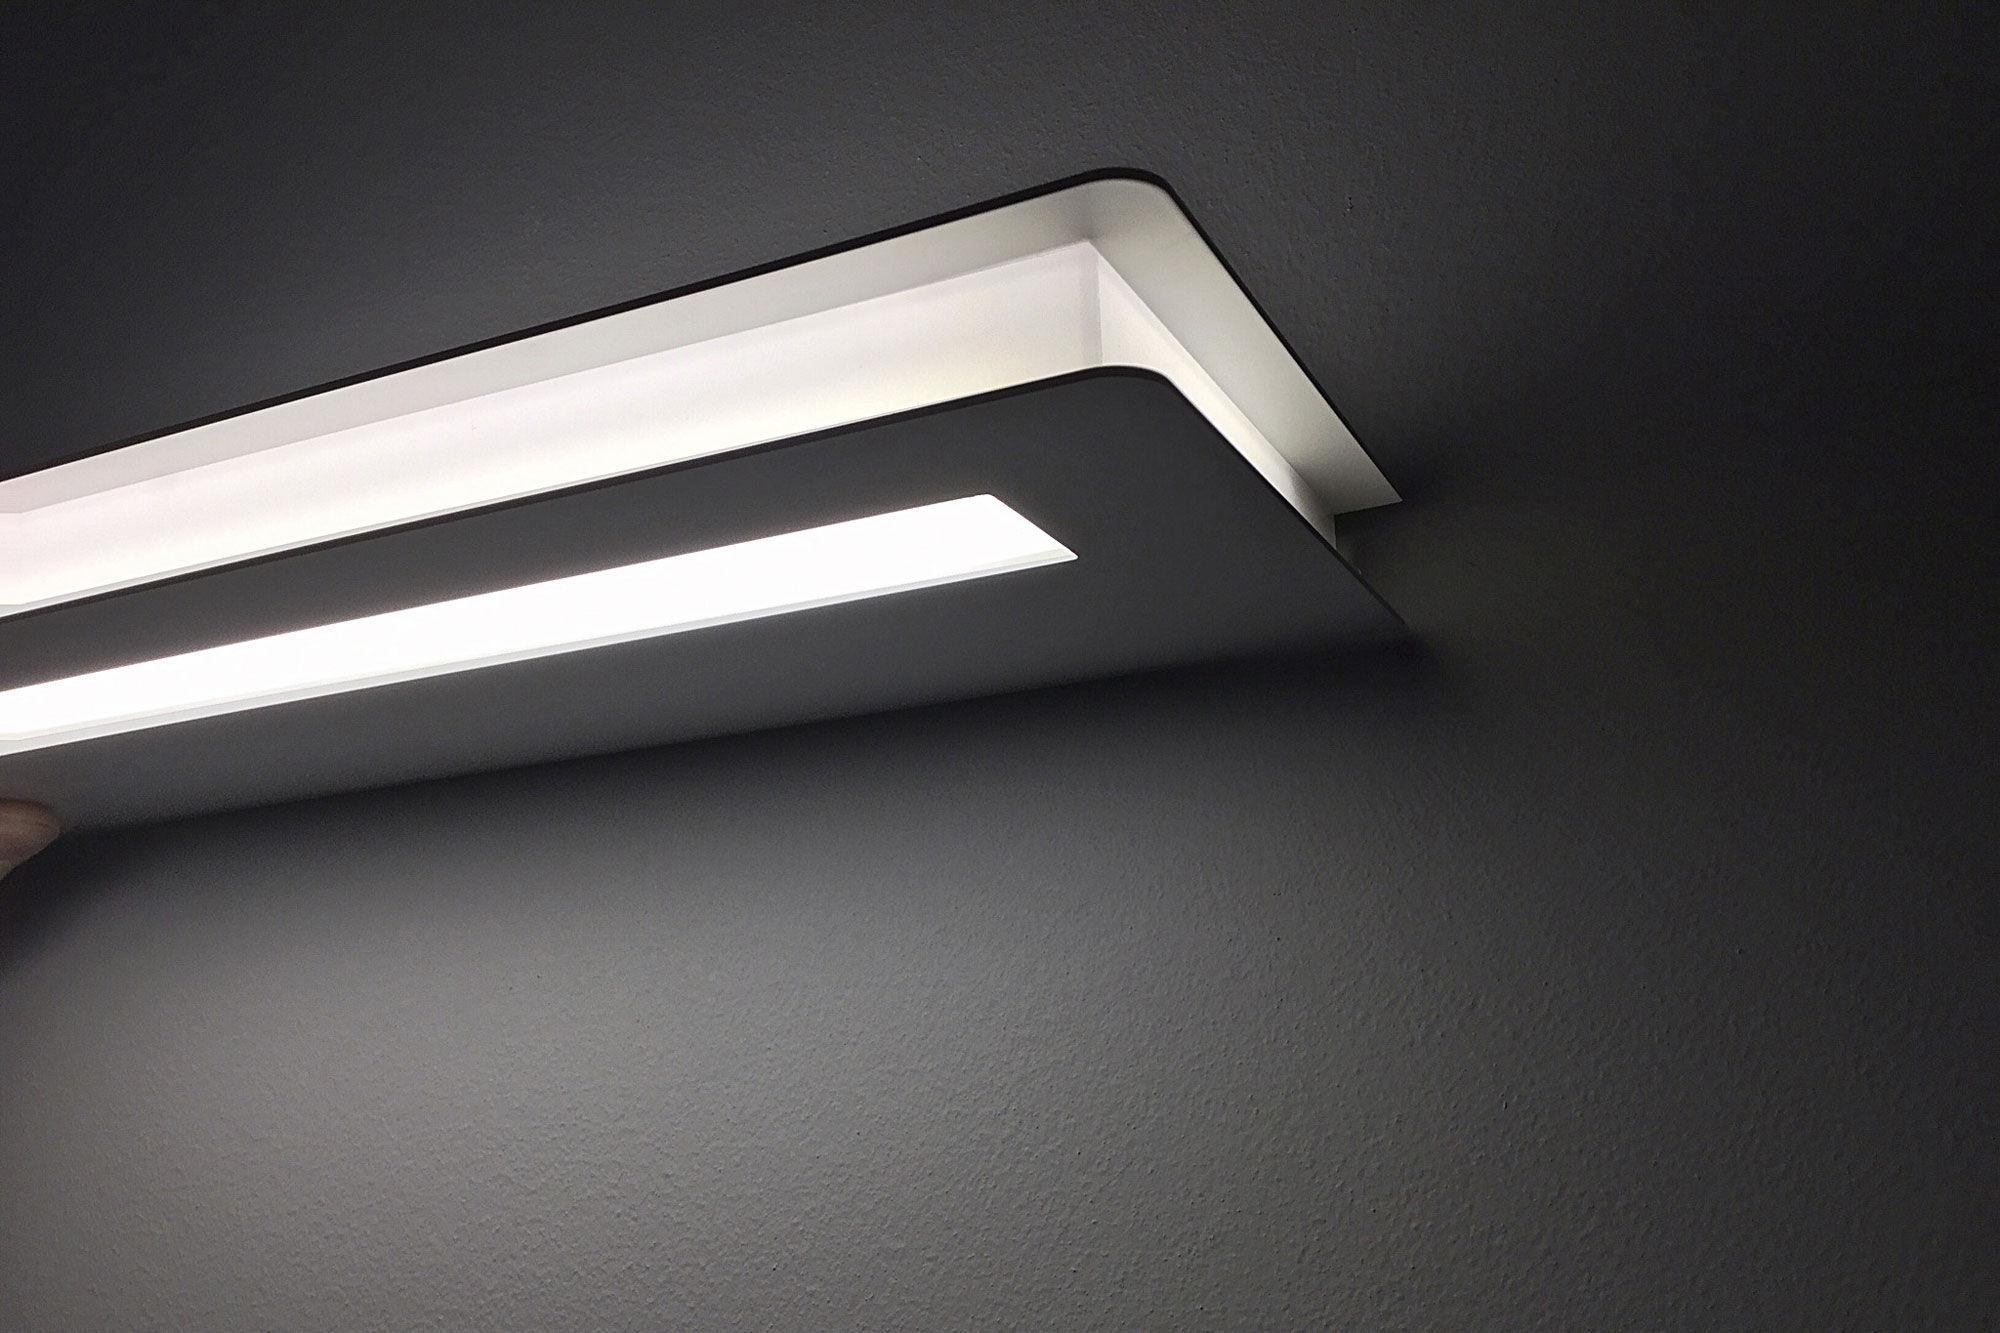 Applique moderna in metallo in policarbonato led flat